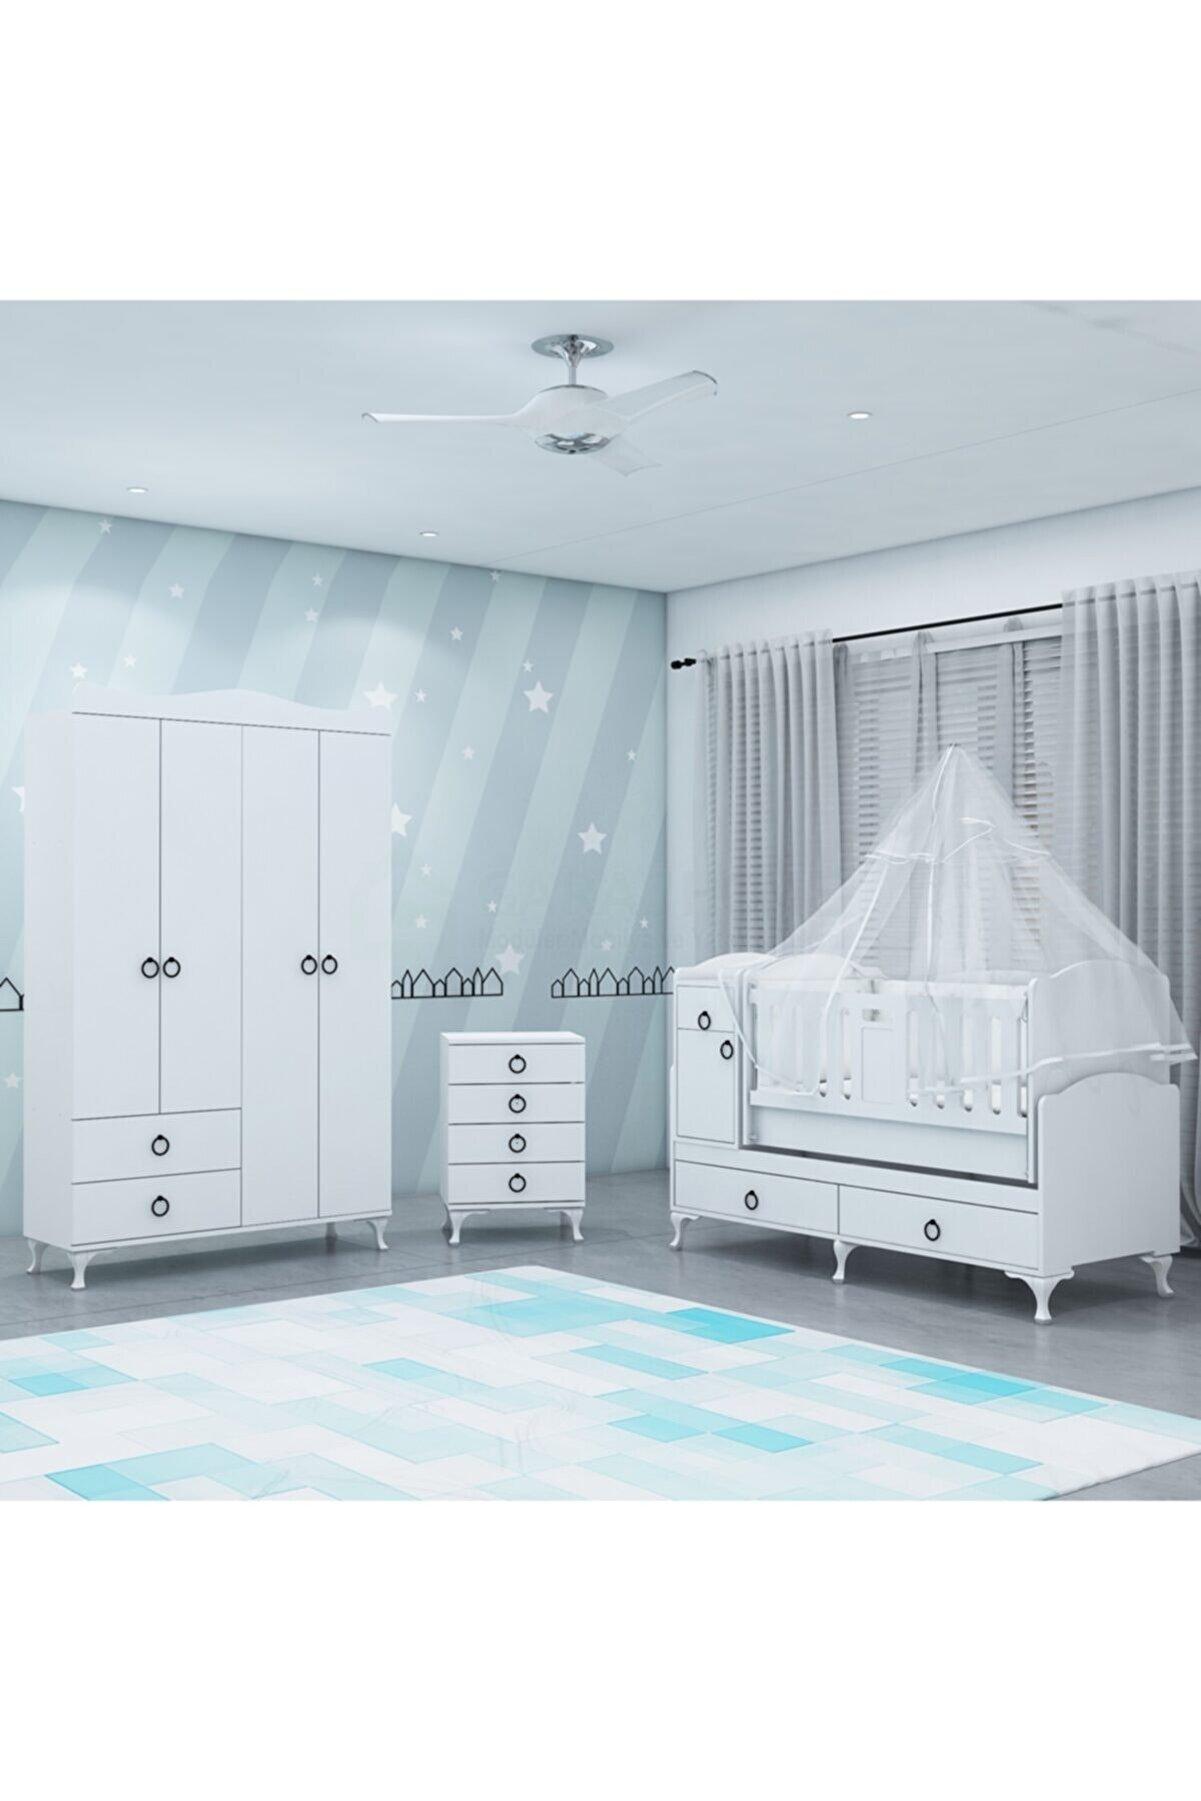 Garaj Home Sude Asansörlü Yıldız 4 Kapaklı Bebek Odası Takımı - Yatak Ve Uyku Seti Kombinli- Uykuseti Beyaz